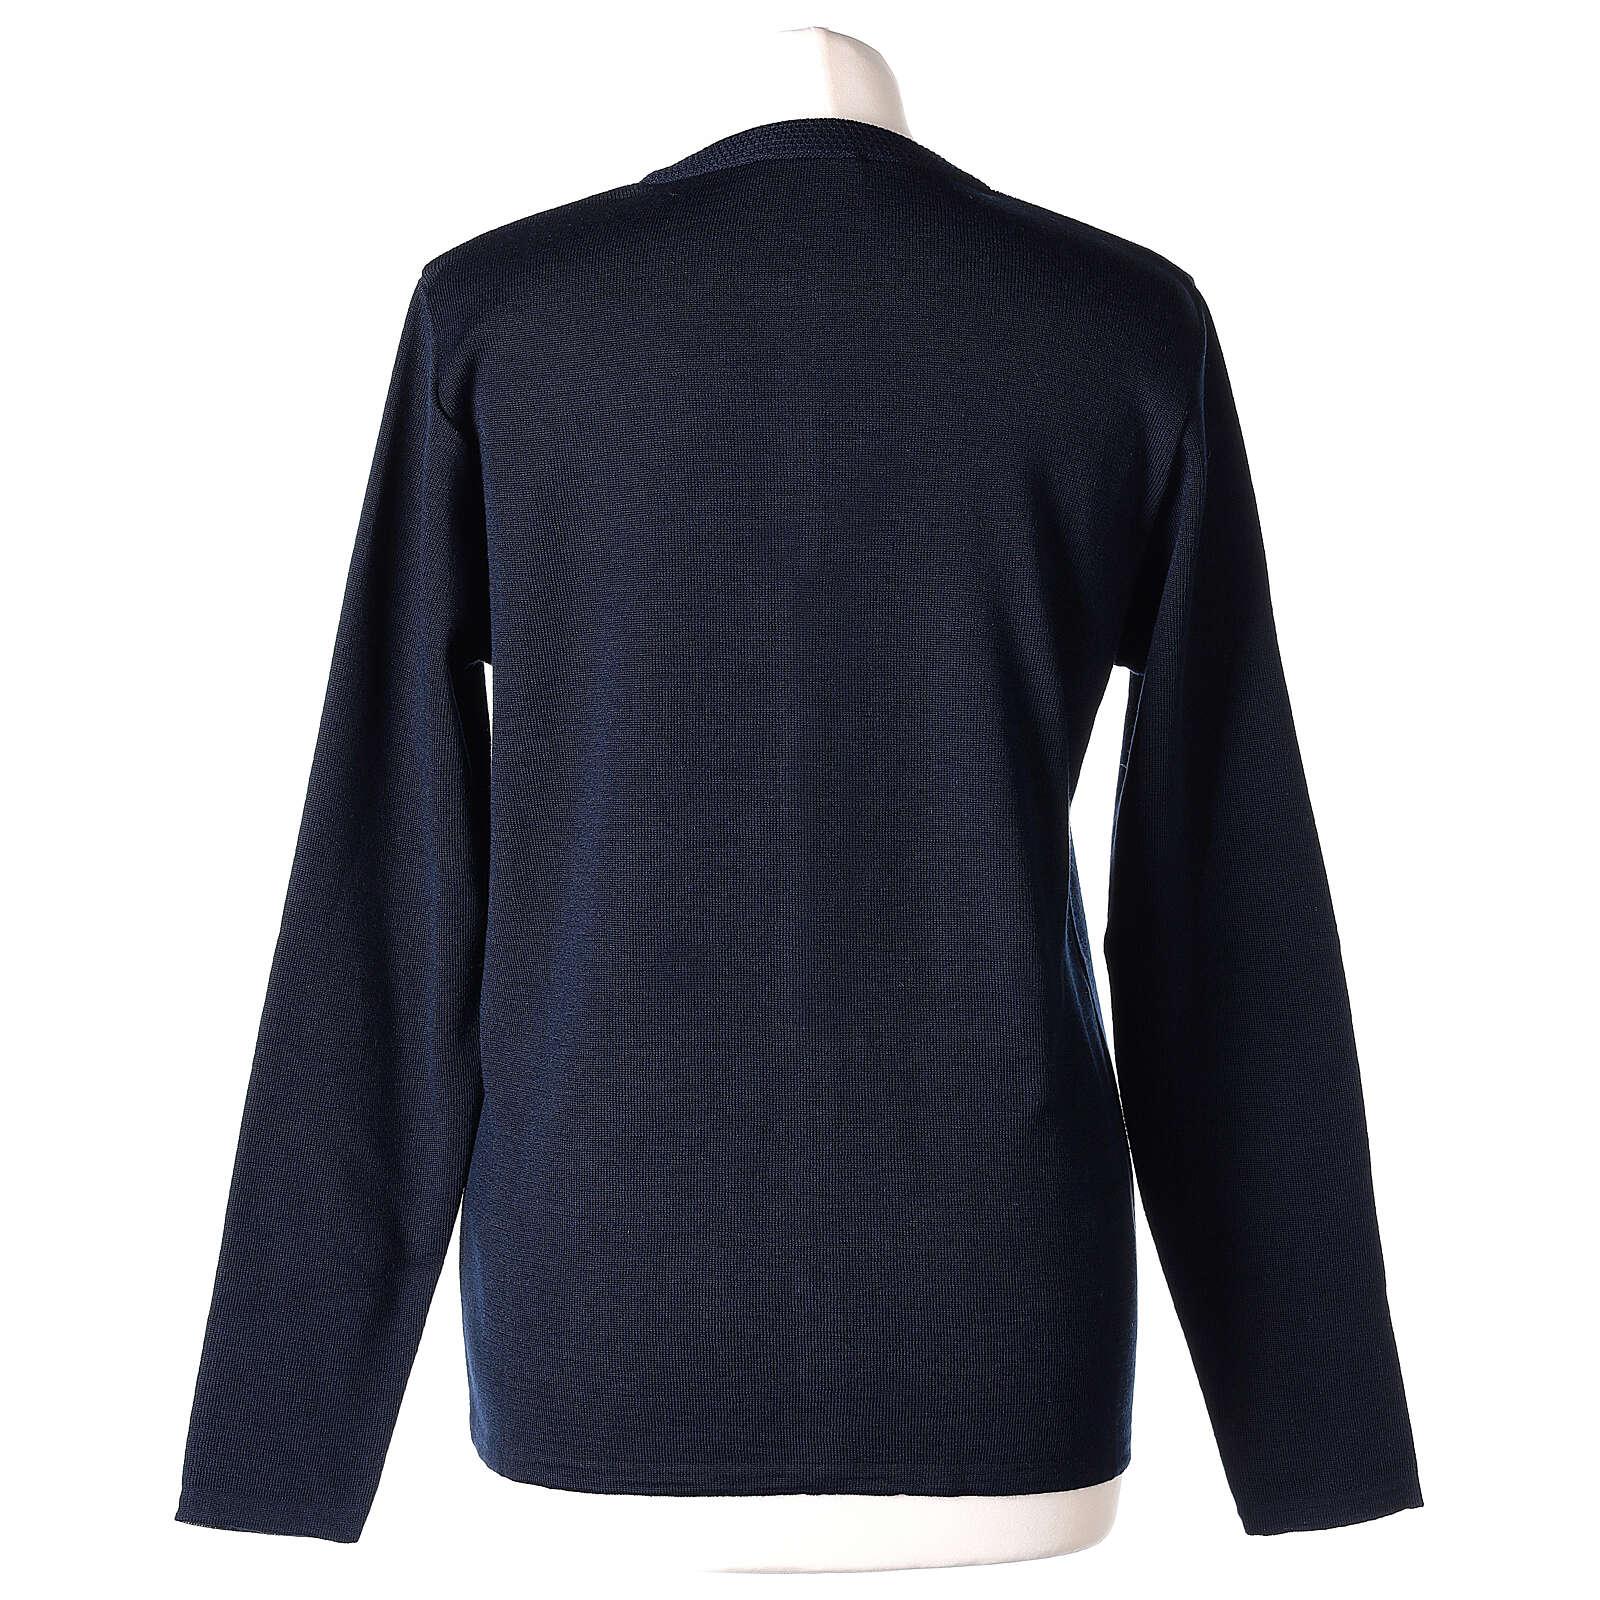 Cardigan soeur bleu ras du cou poches jersey 50% acrylique 50% laine mérinos In Primis 4